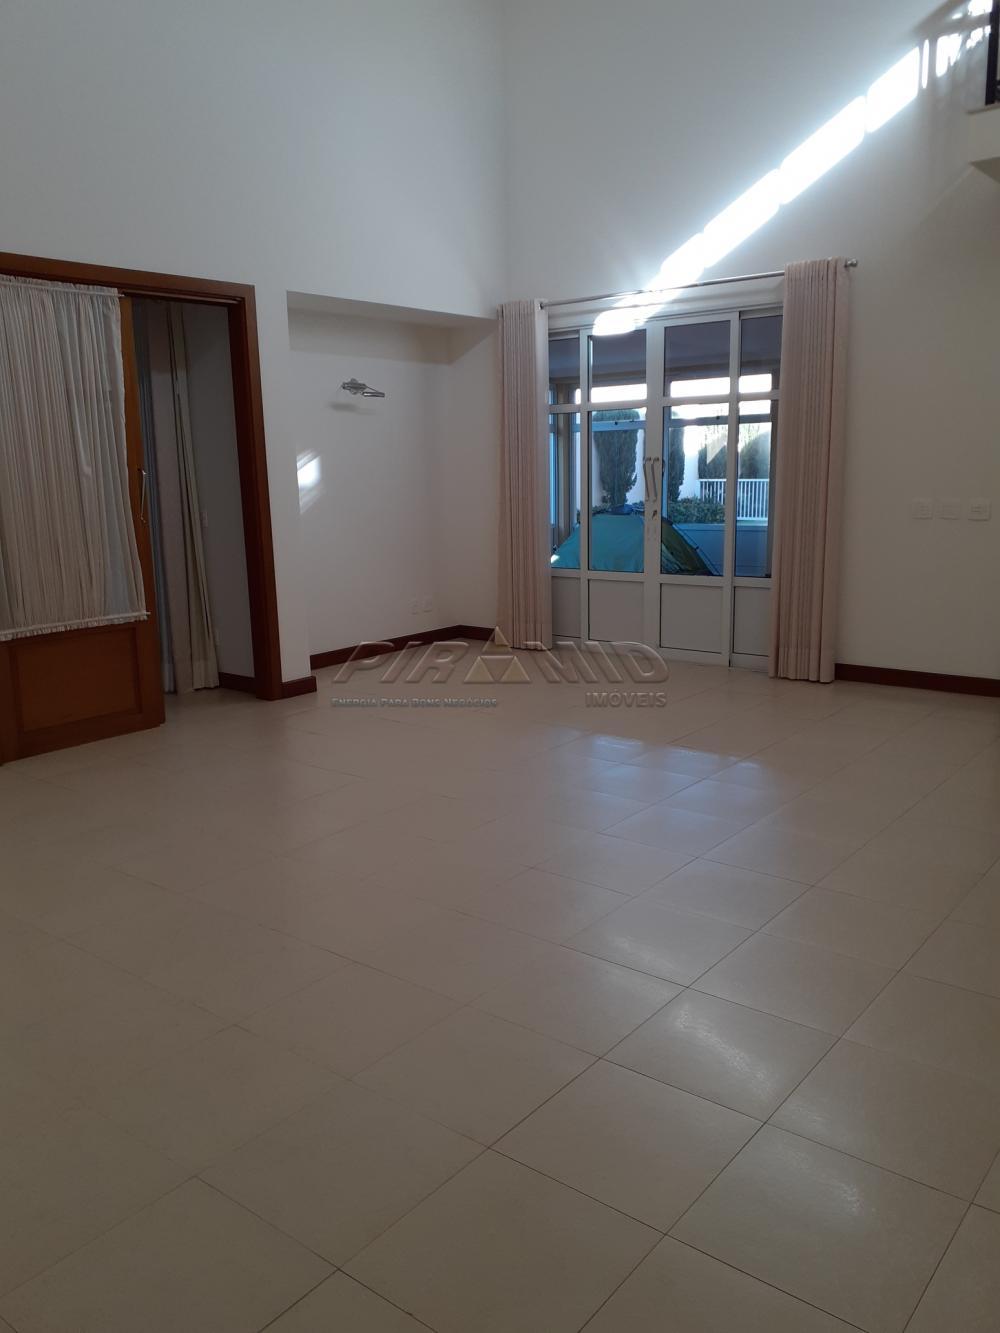 Comprar Casa / Condomínio em Ribeirão Preto apenas R$ 4.800.000,00 - Foto 4